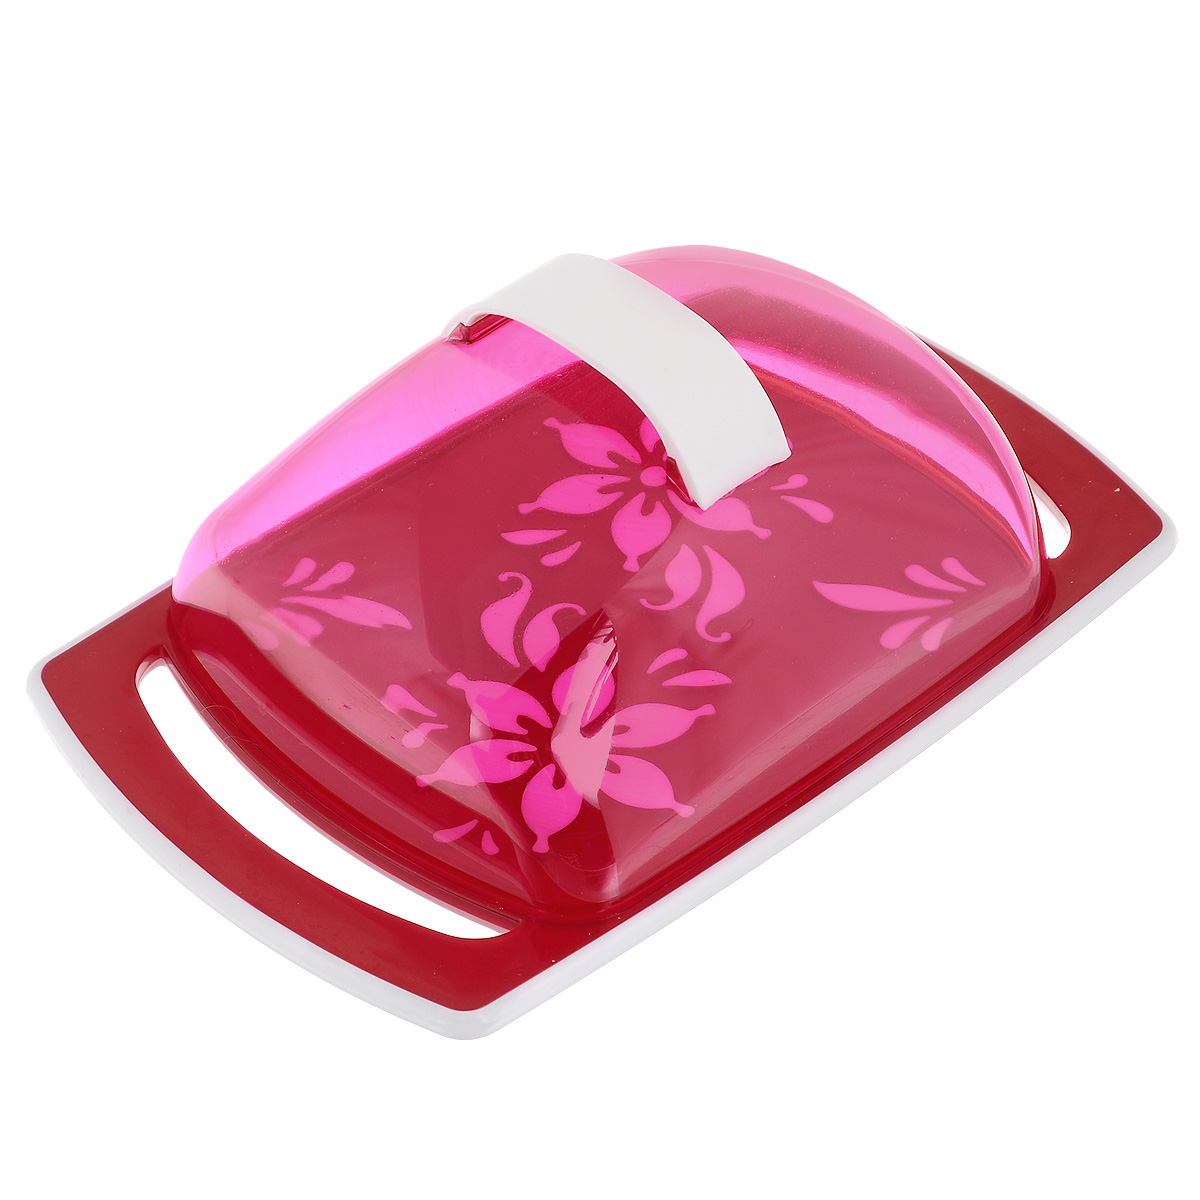 Масленка Альтернатива Премьера, цвет: красныйLCS879V-ALМасленка Альтернатива Премьера идеально подходит для хранения масла и сервировки стола. Масленка состоит из подноса,выполненного из пластика, и прозрачной пластиковой крышки с ручкой. Благодаря специальным выемкам крышкаплотно устанавливается на поднос. Поднос масленки украшен яркими цветами. Масло в такой масленке долго остается свежим, а при хранении в холодильнике не впитывает посторонниезапахи.Рекомендации по использованию:- Не используйте для чистки абразивные моющие средства.- Берегите крышку от нагревания.- Хранить вдали от источников тепла.- При отрезании масла избегайте сильных воздействий на основание масленки во избежание ее повреждения.Размер масленки: 18 см х 11,5 см х 5,5 см.